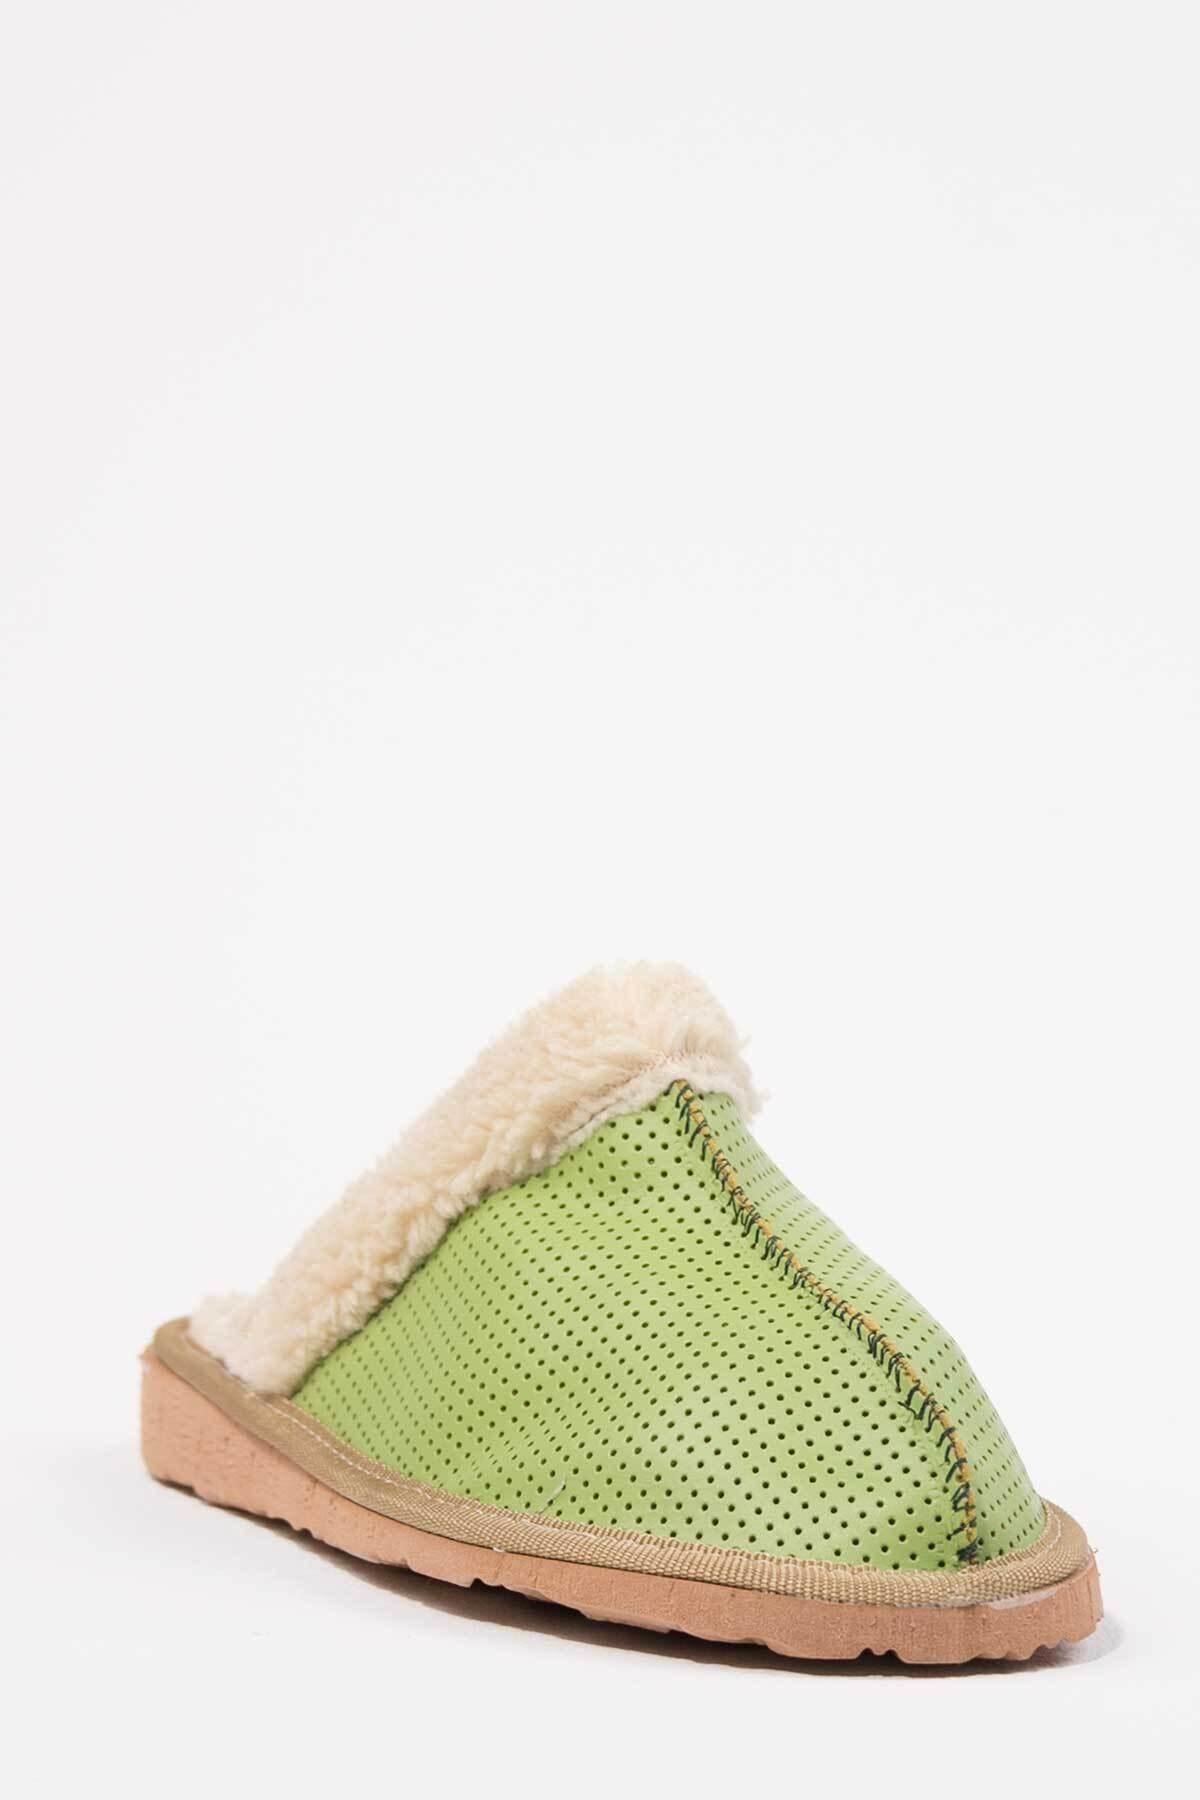 Oioi Kadın Yeşil Ev Terliği 1004-127-0001_1009 2